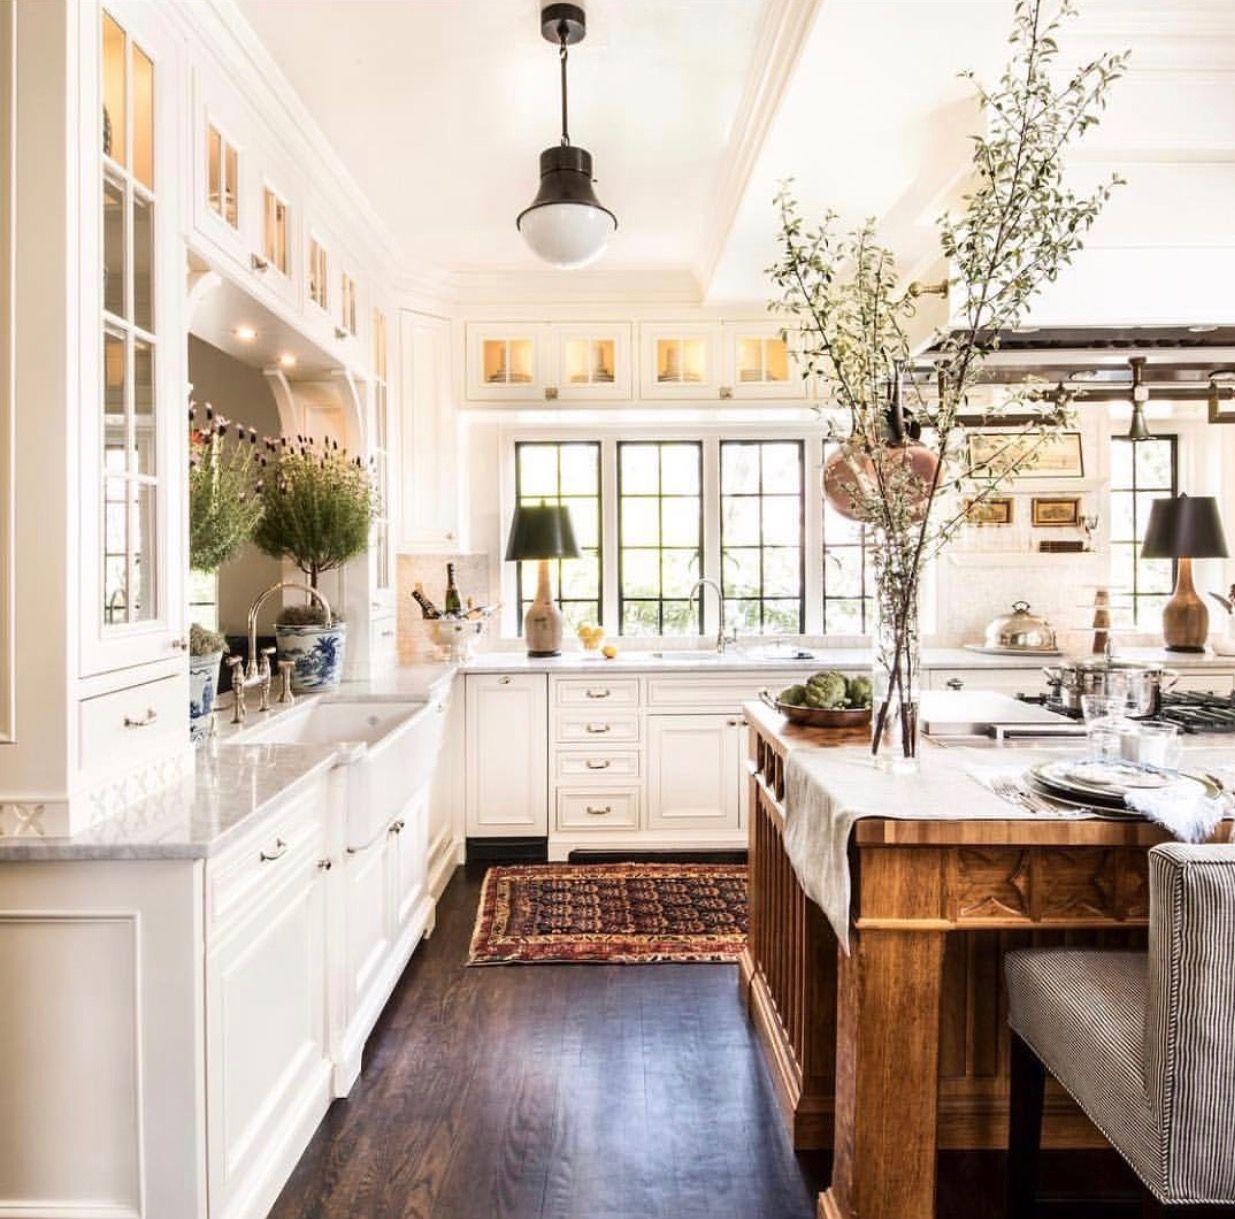 Pin von Julie Ingle auf Home Sweet Home | Pinterest | Küche ...